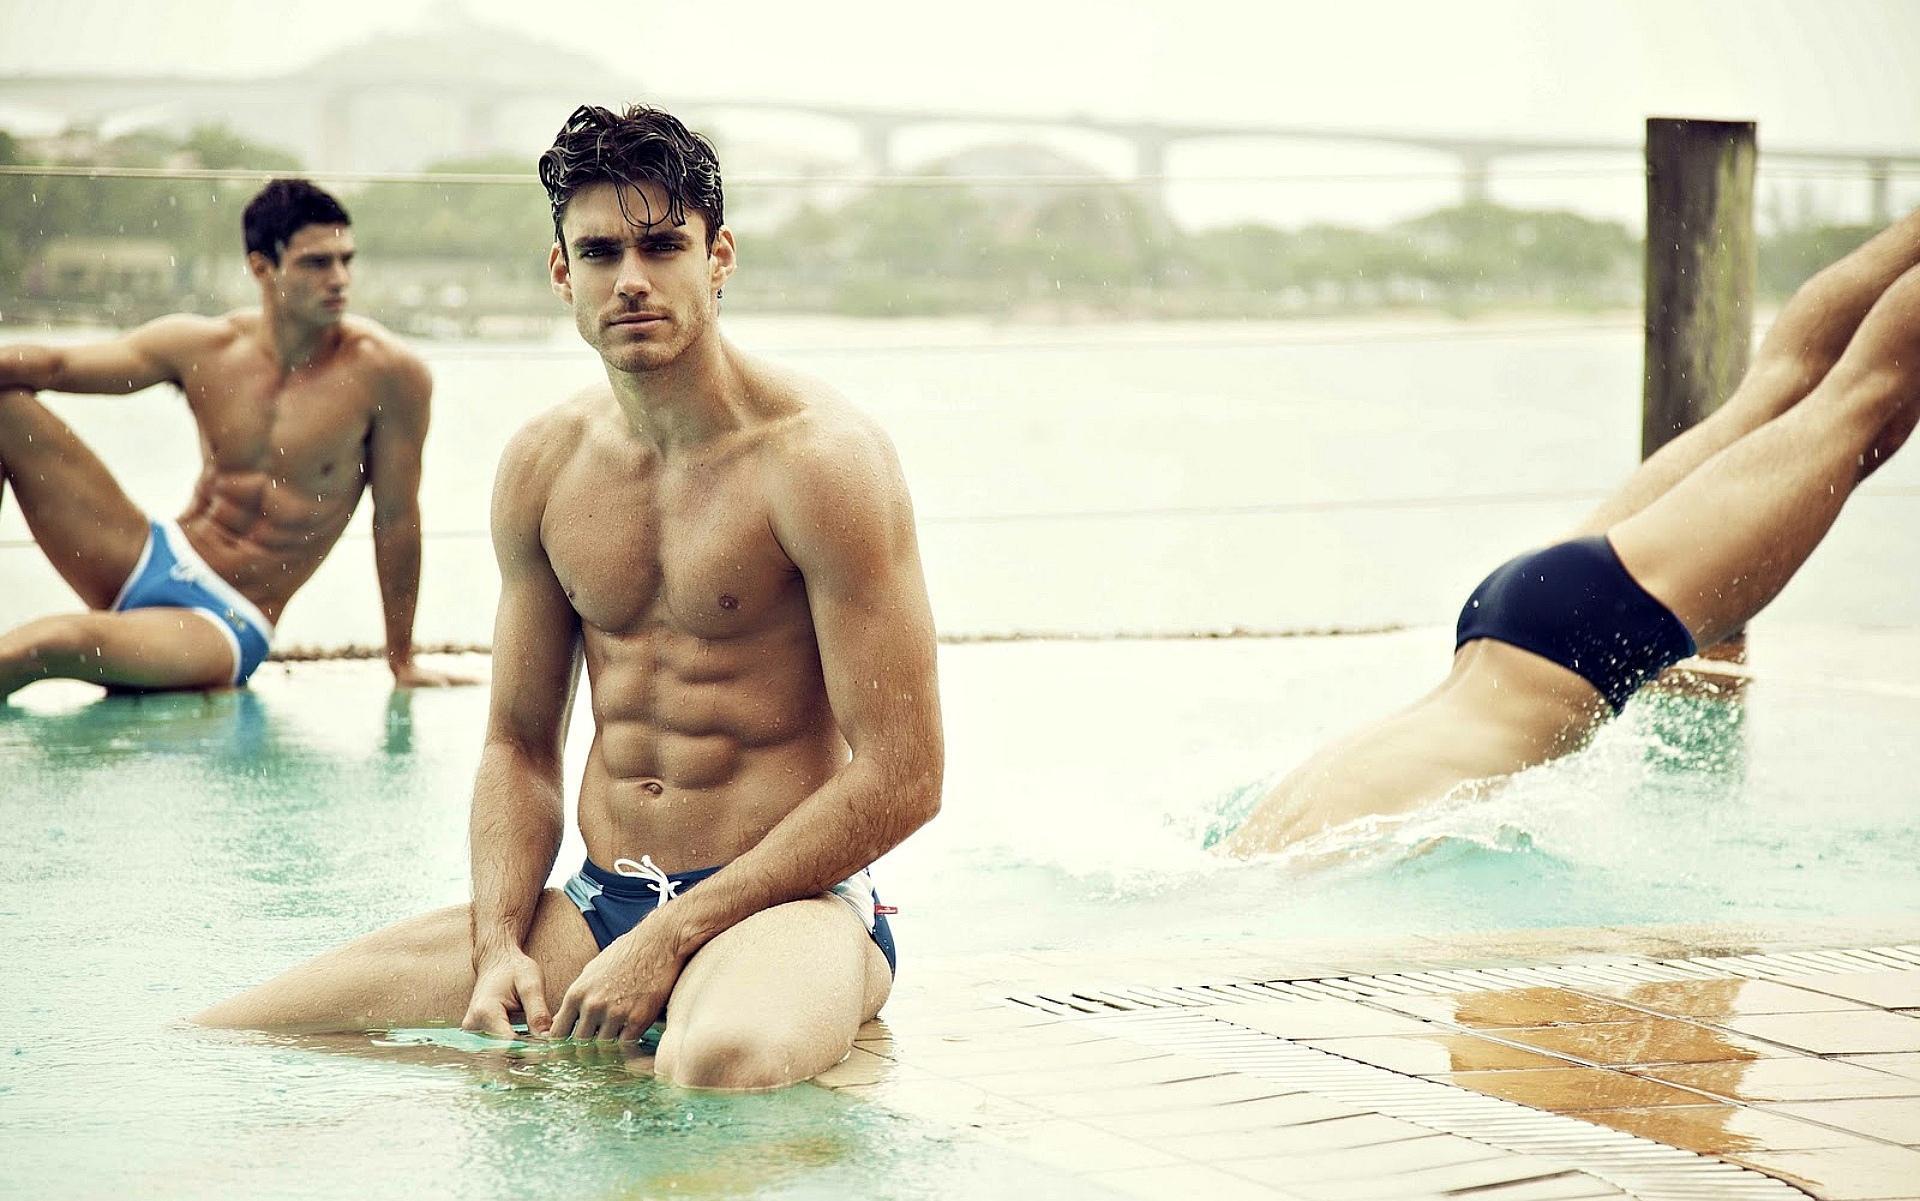 Фото парней в басейне 7 фотография